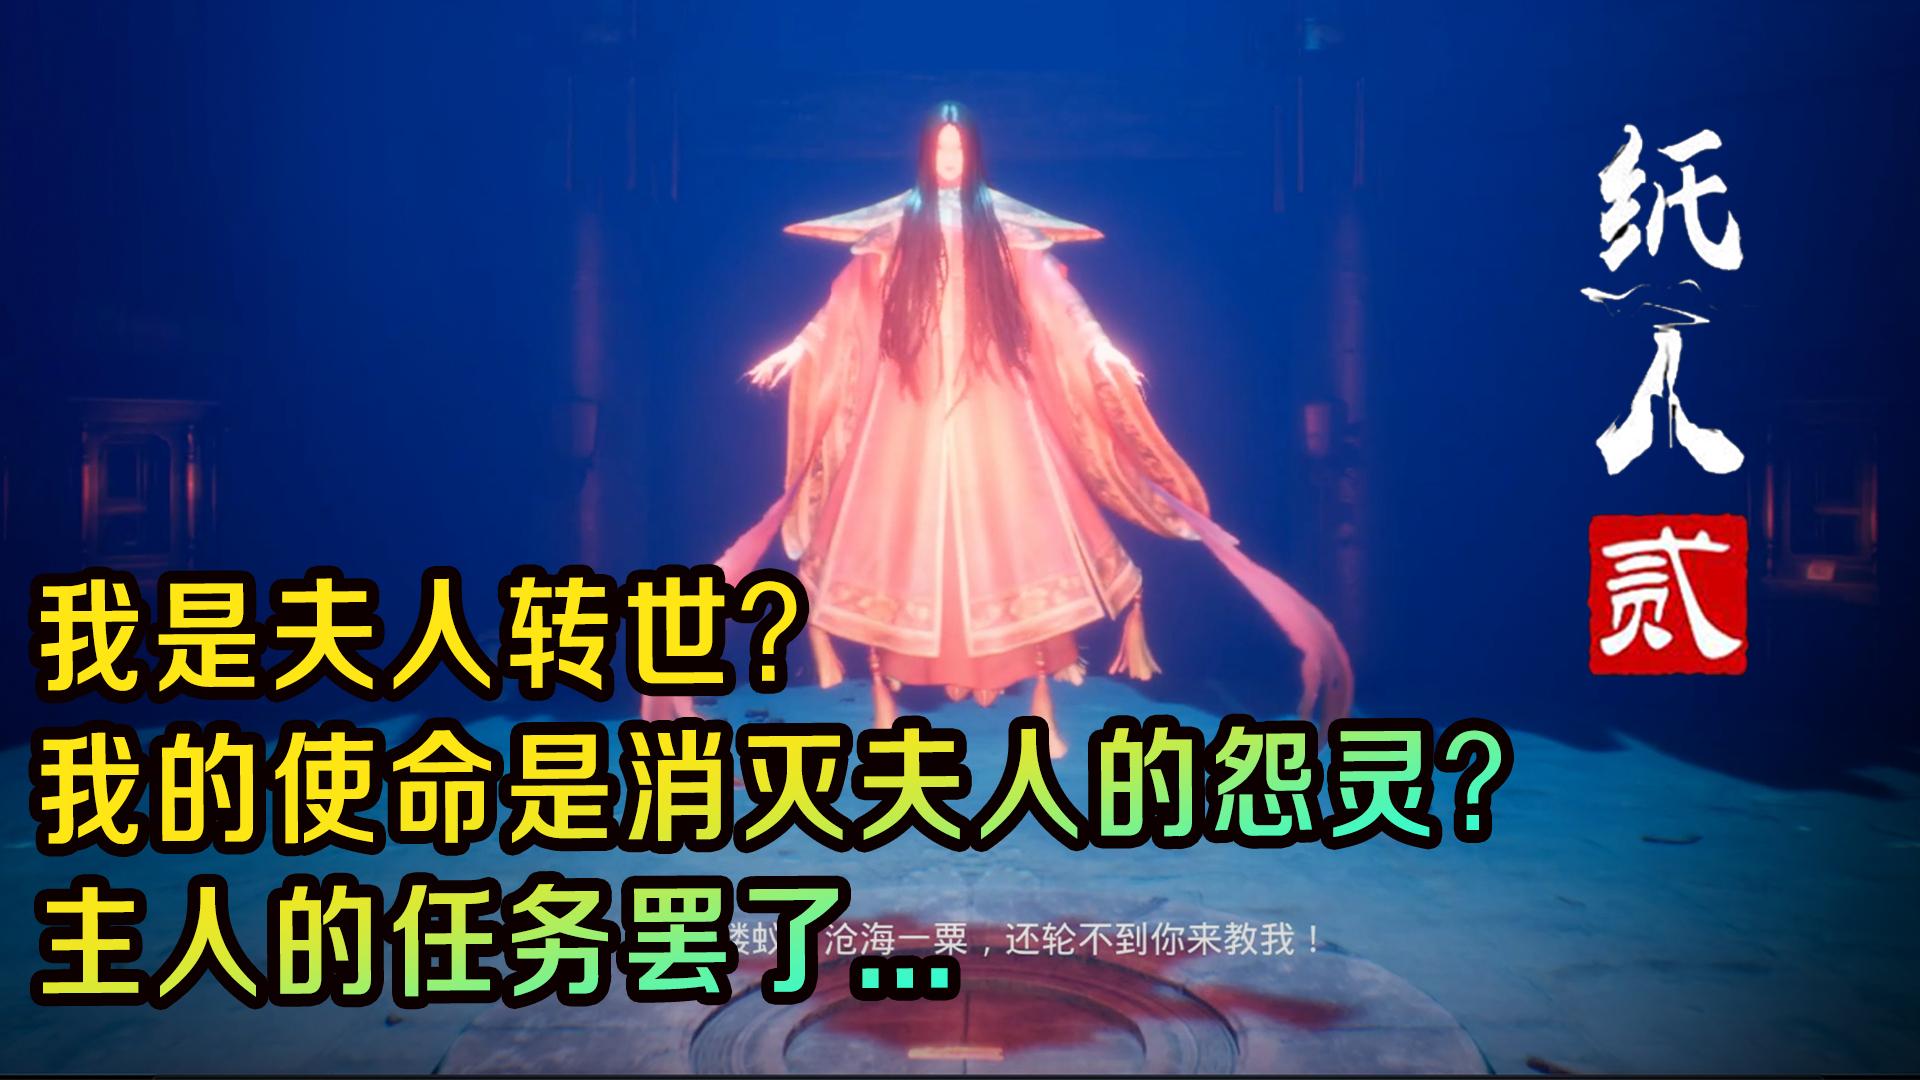 【完结】六探《纸人2》 |最终大决战!夫人的魂魄由我来拯救!